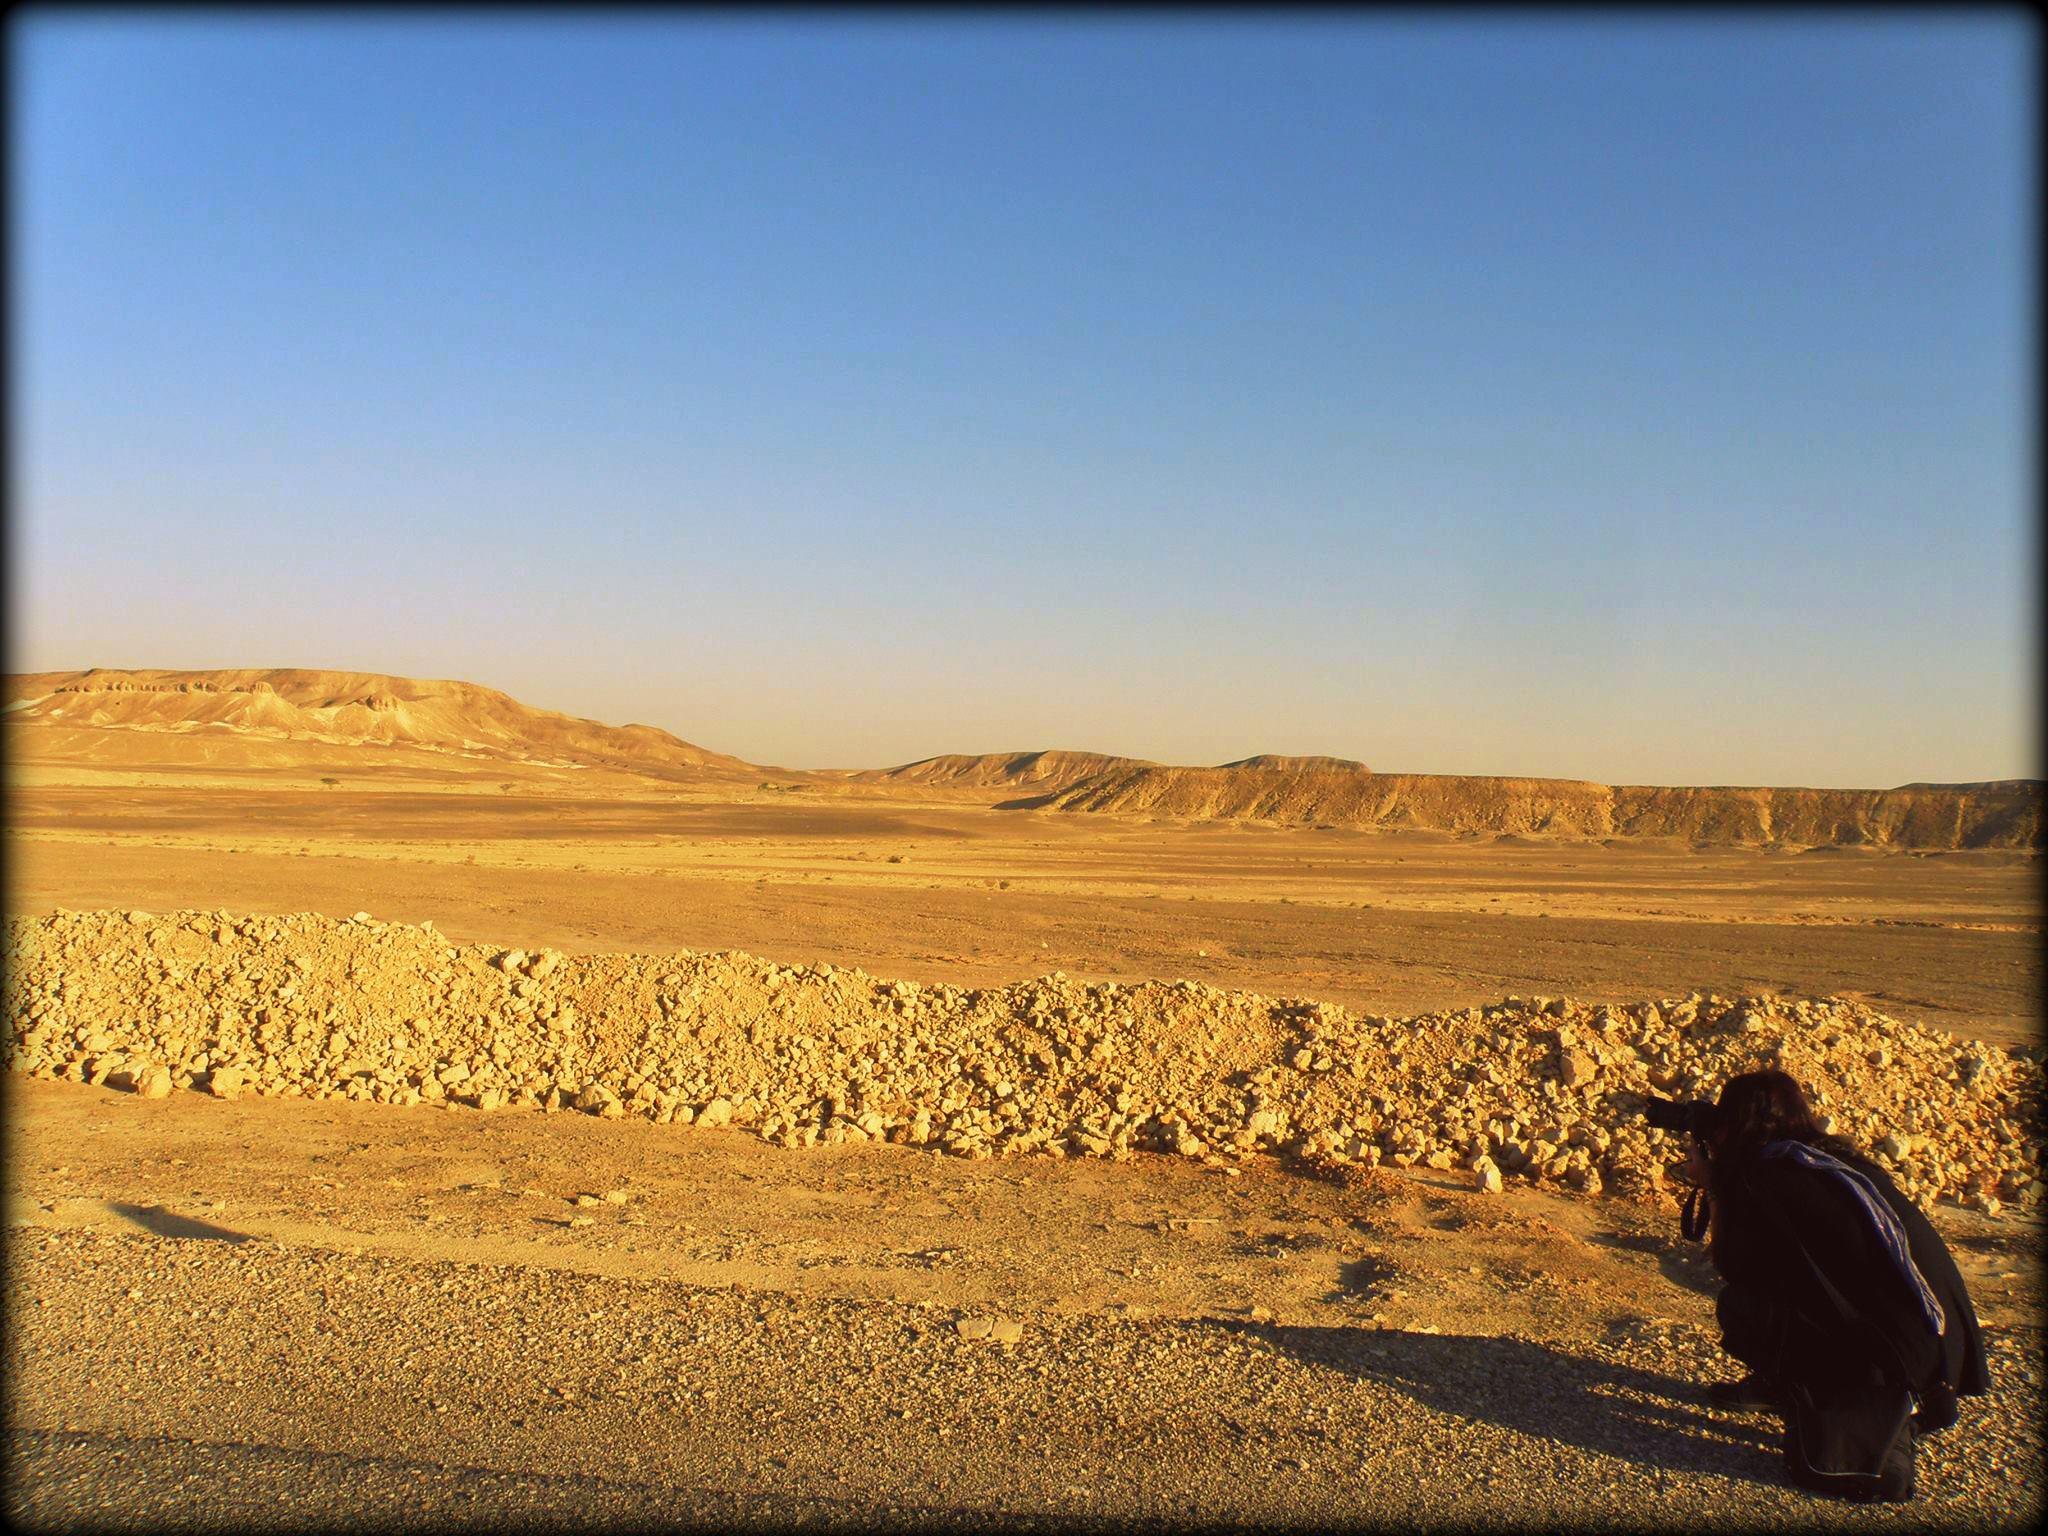 Ημερολόγιο Κλαίρης: Naqab μακροπόρο οδοιπορικό στο Ισραήλ